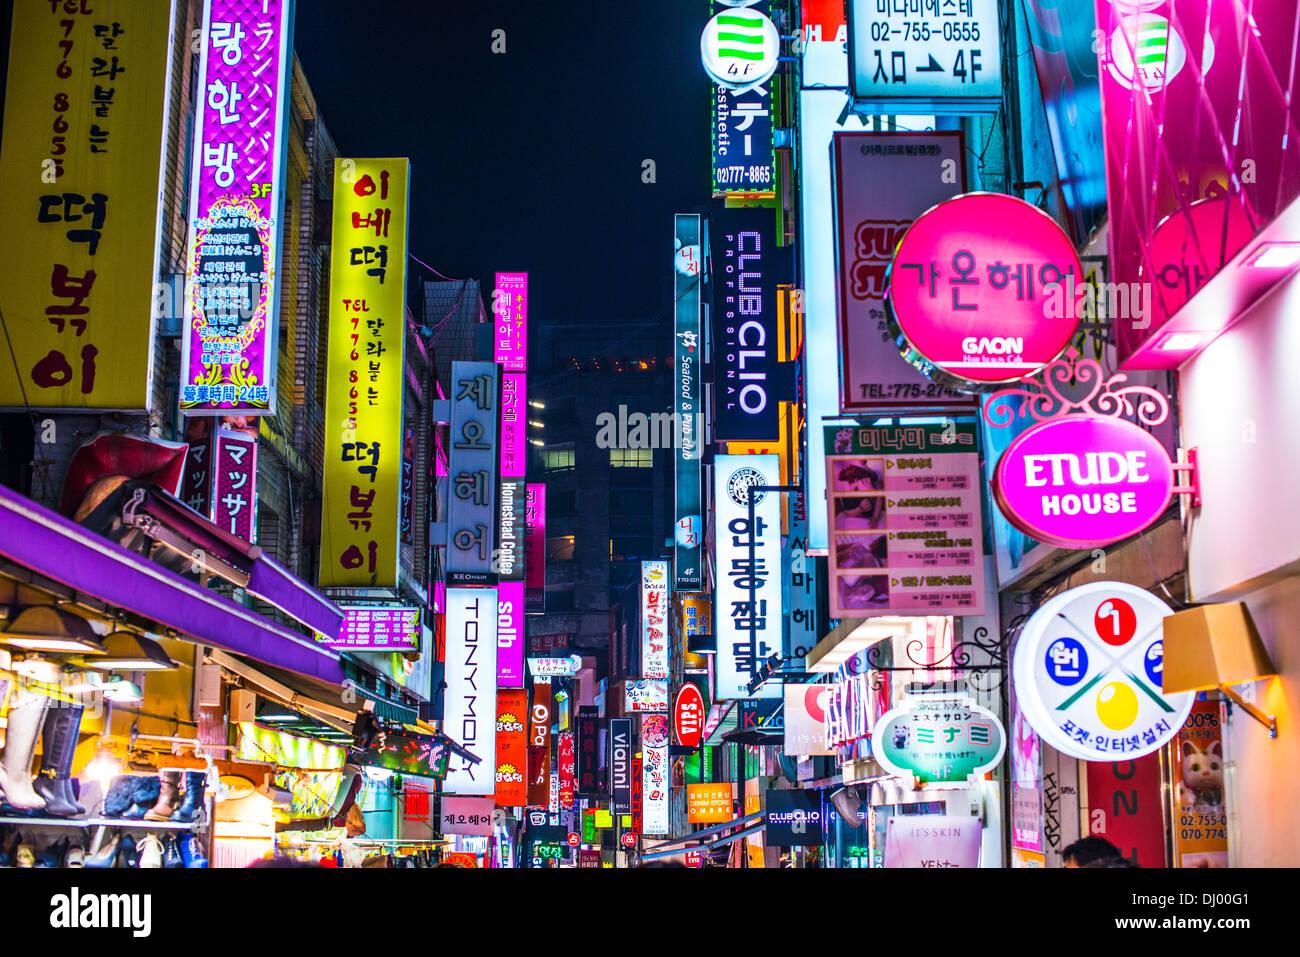 Distrito Myeong-dong de Seúl, Corea del Sur. Imagen De Stock